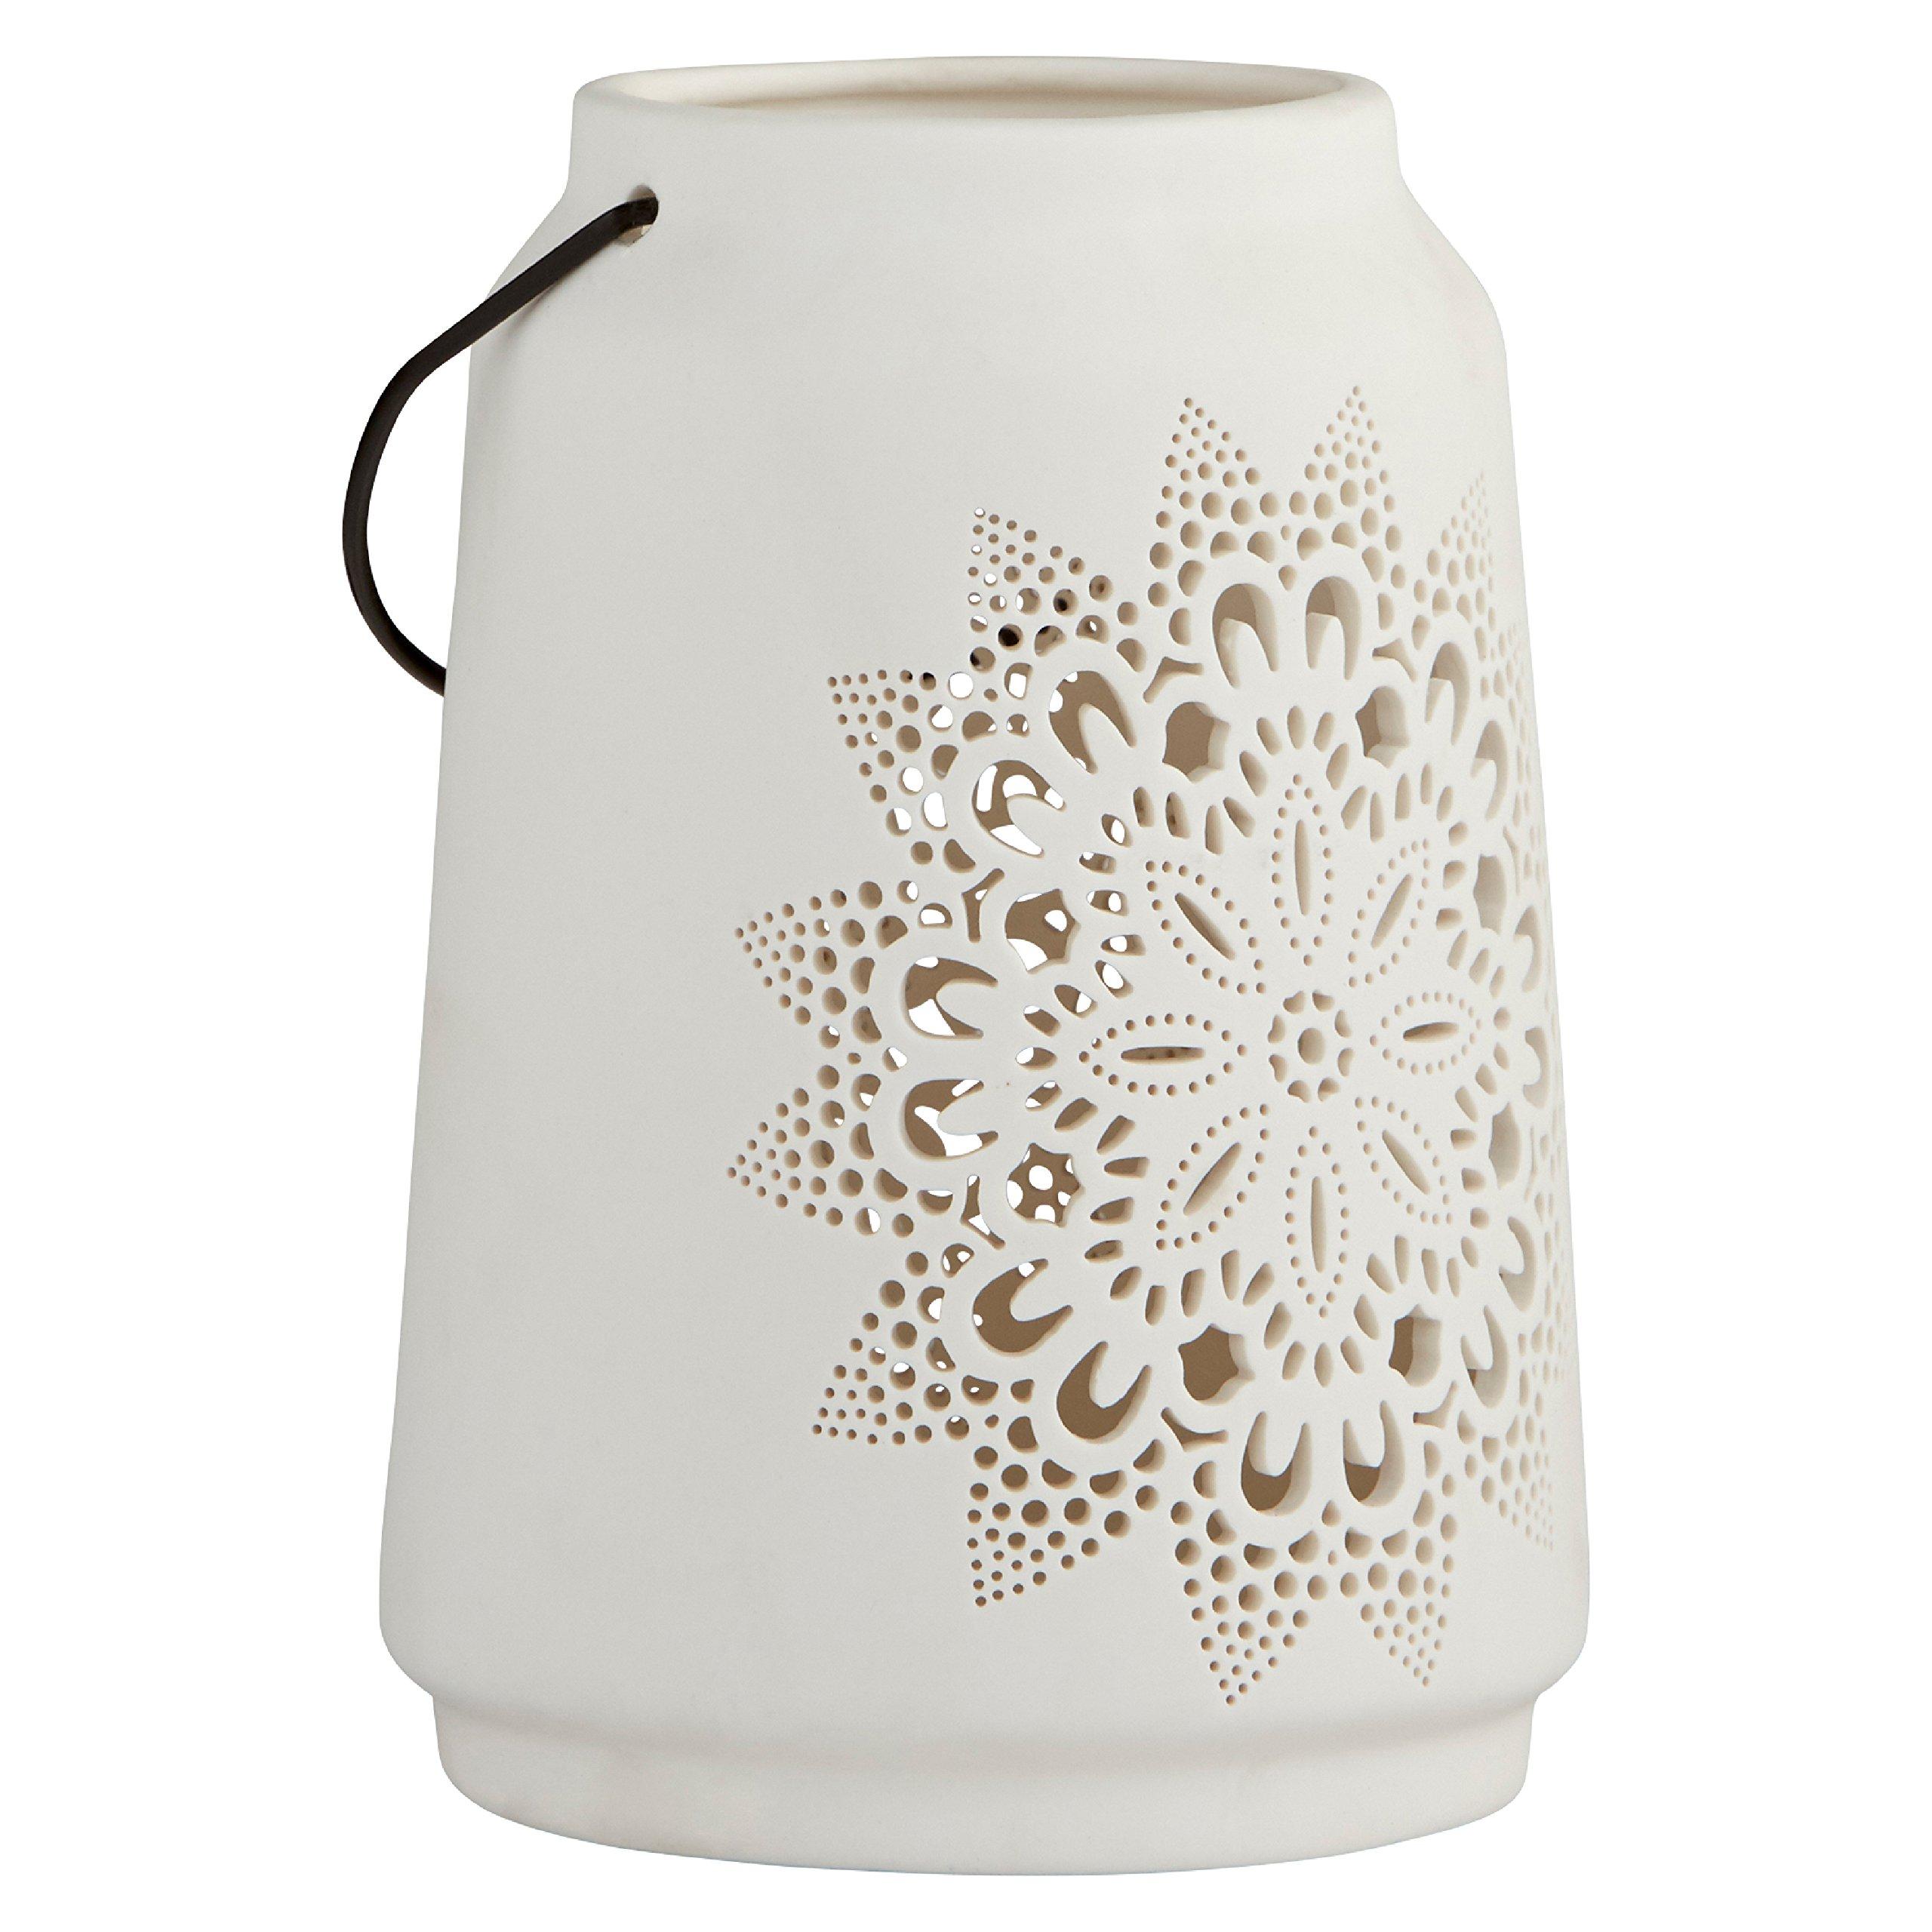 Stone & Beam Modern Farmhouse Die Cut Lantern, 7''H, White